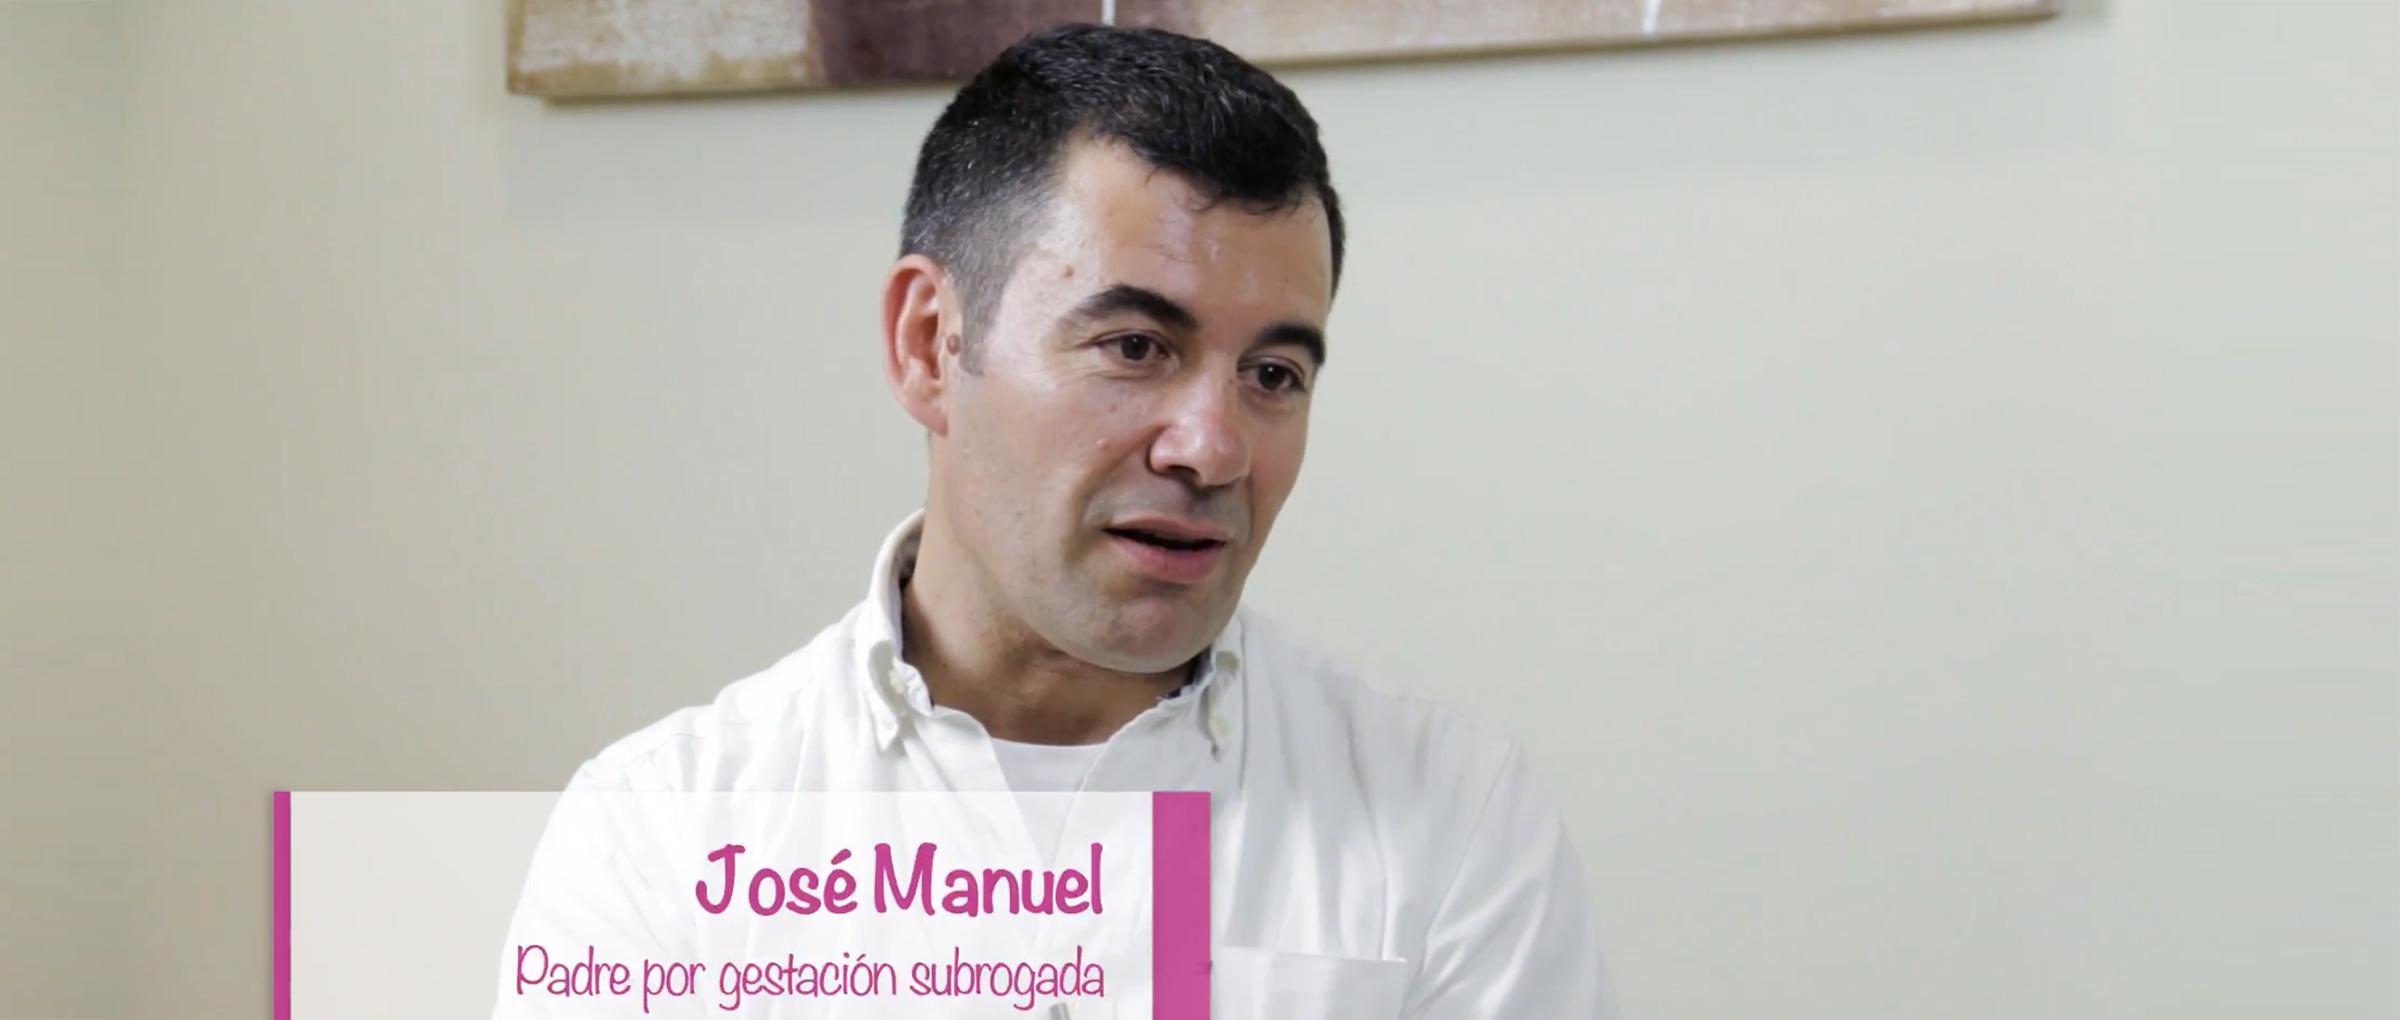 La historia de José Manuel